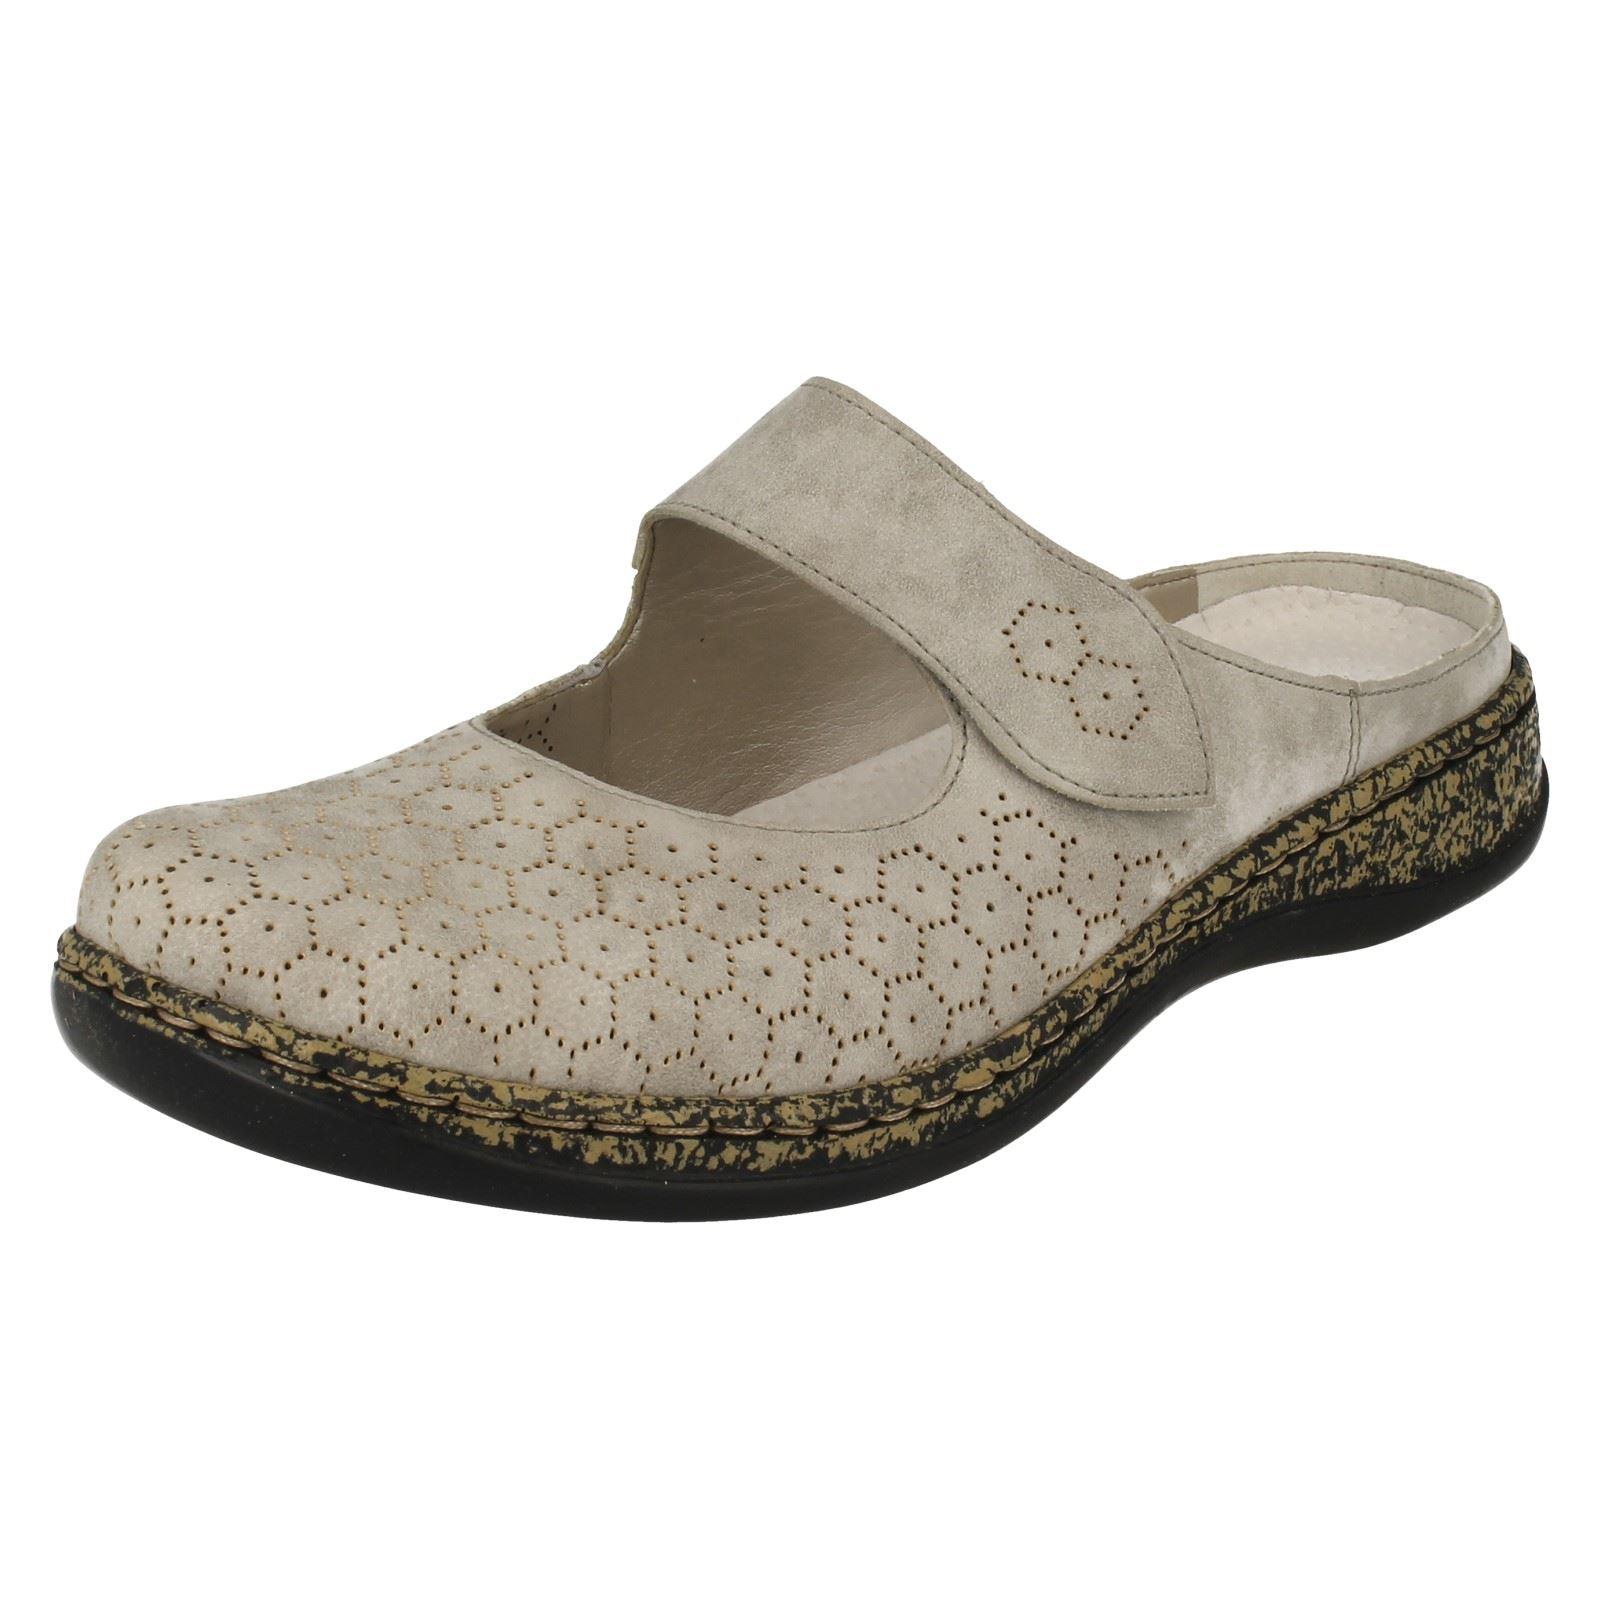 Damen Rieker Schuhe, 46395 Günstige und gute Schuhe